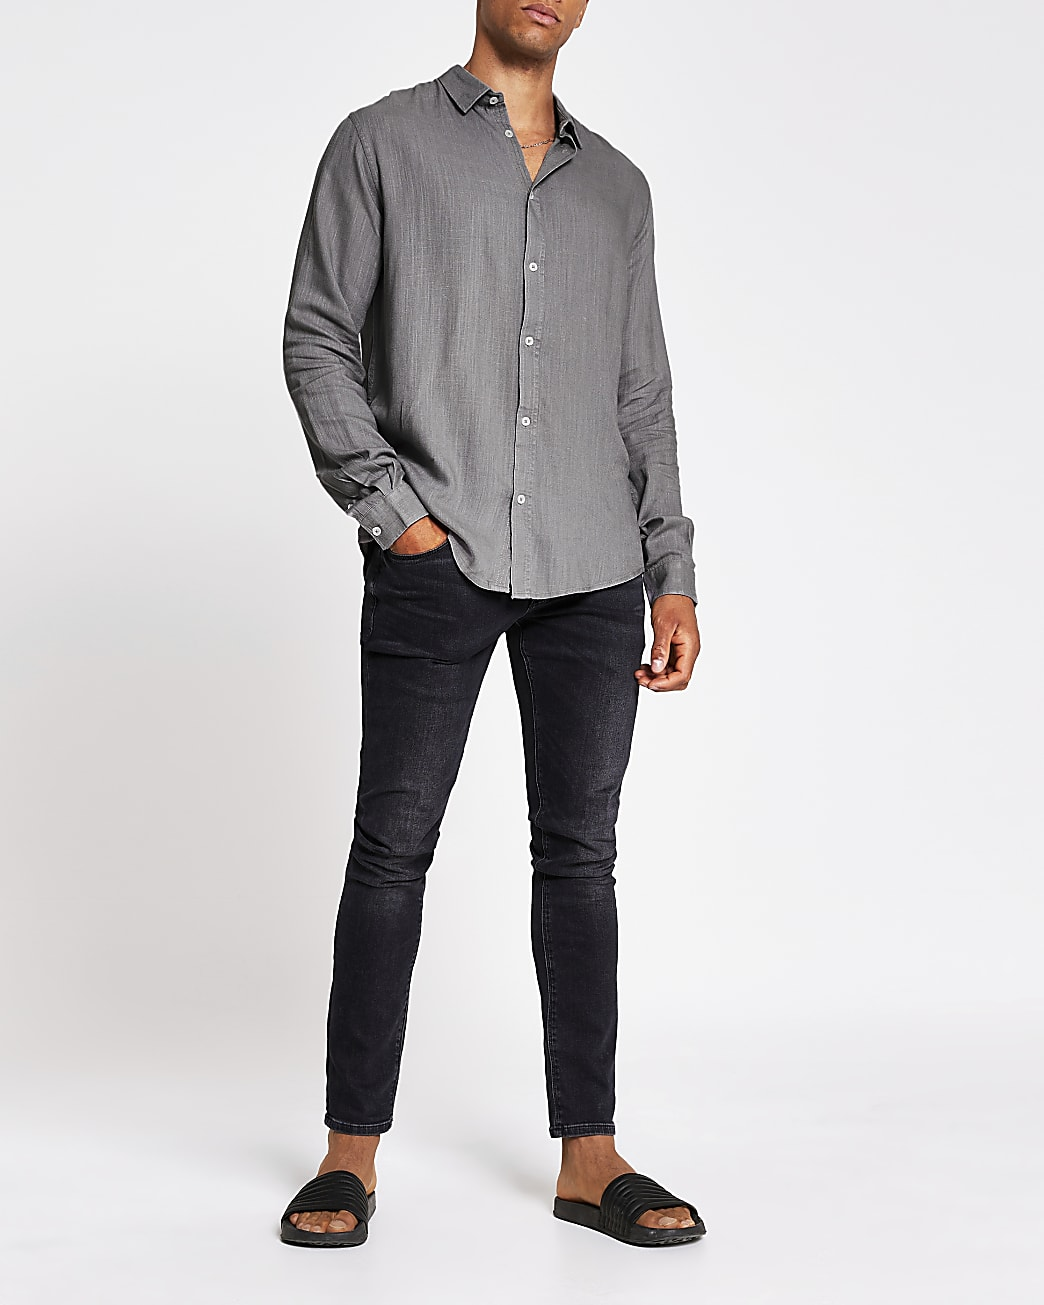 Grey regular fit linen long sleeve shirt